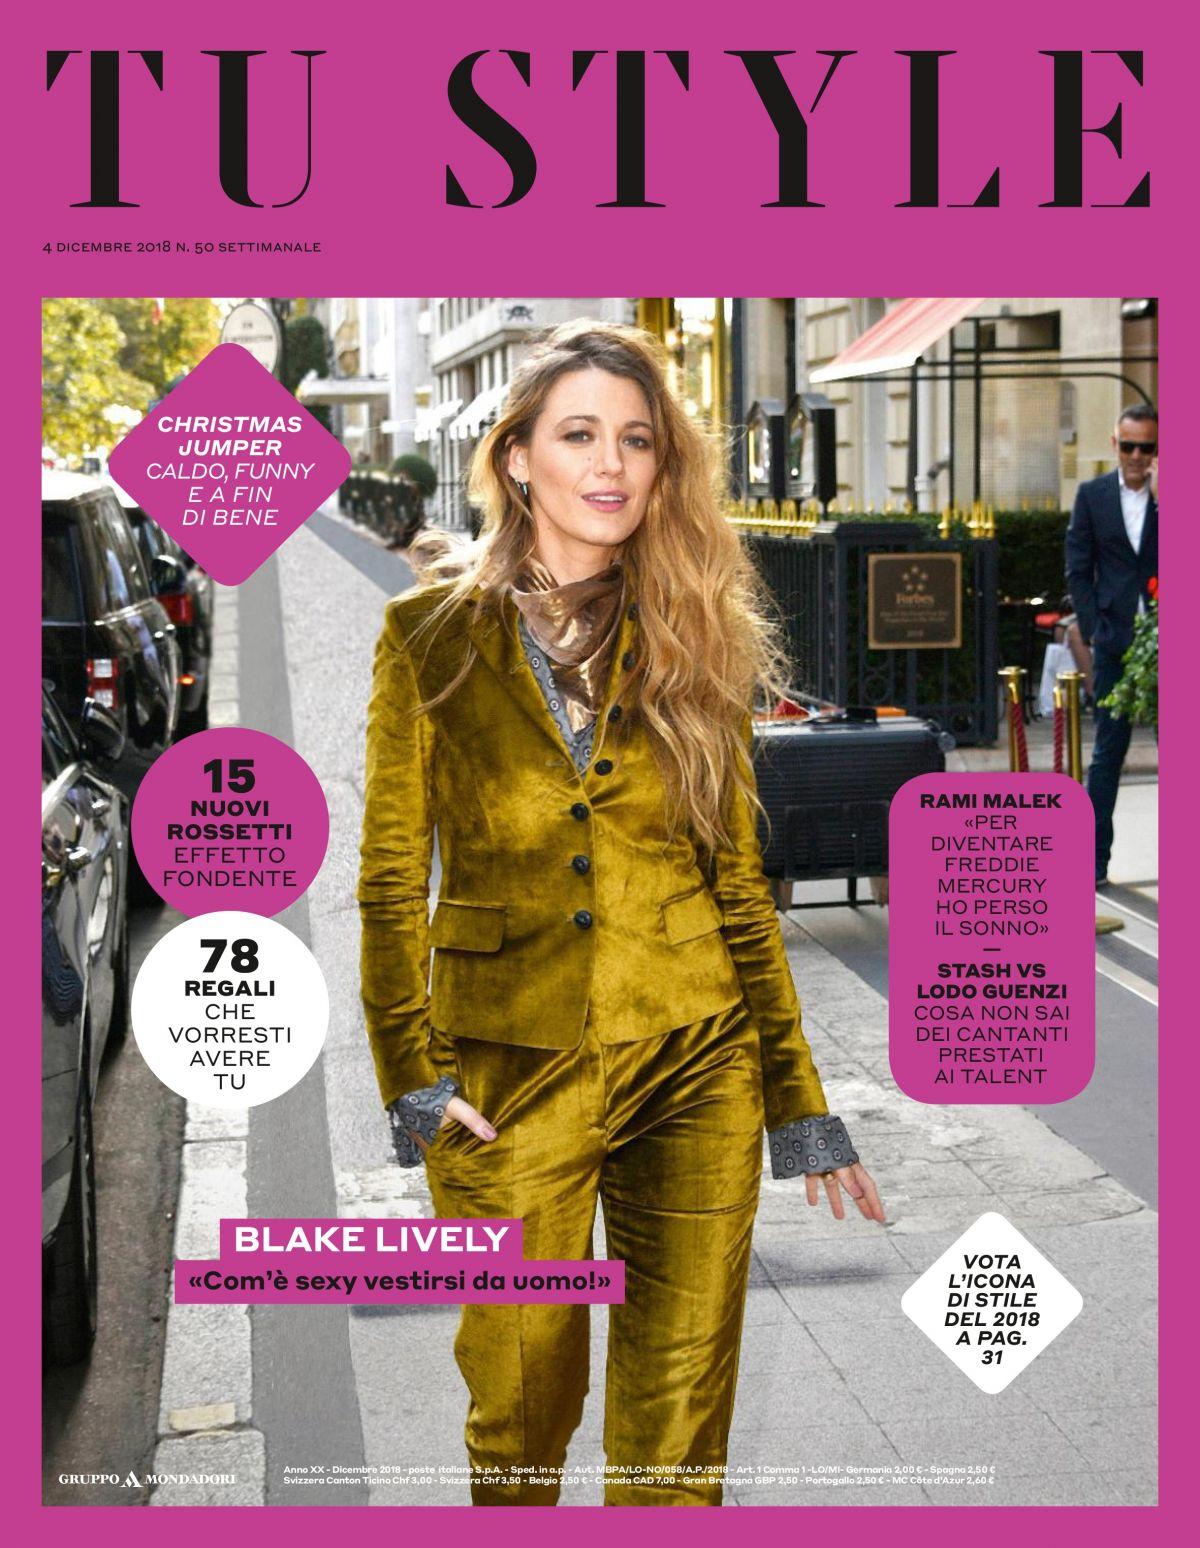 Tustyle Magazine November 2015 Issue: BLAKE LIVELY In Tu Style Magazine, December 2018